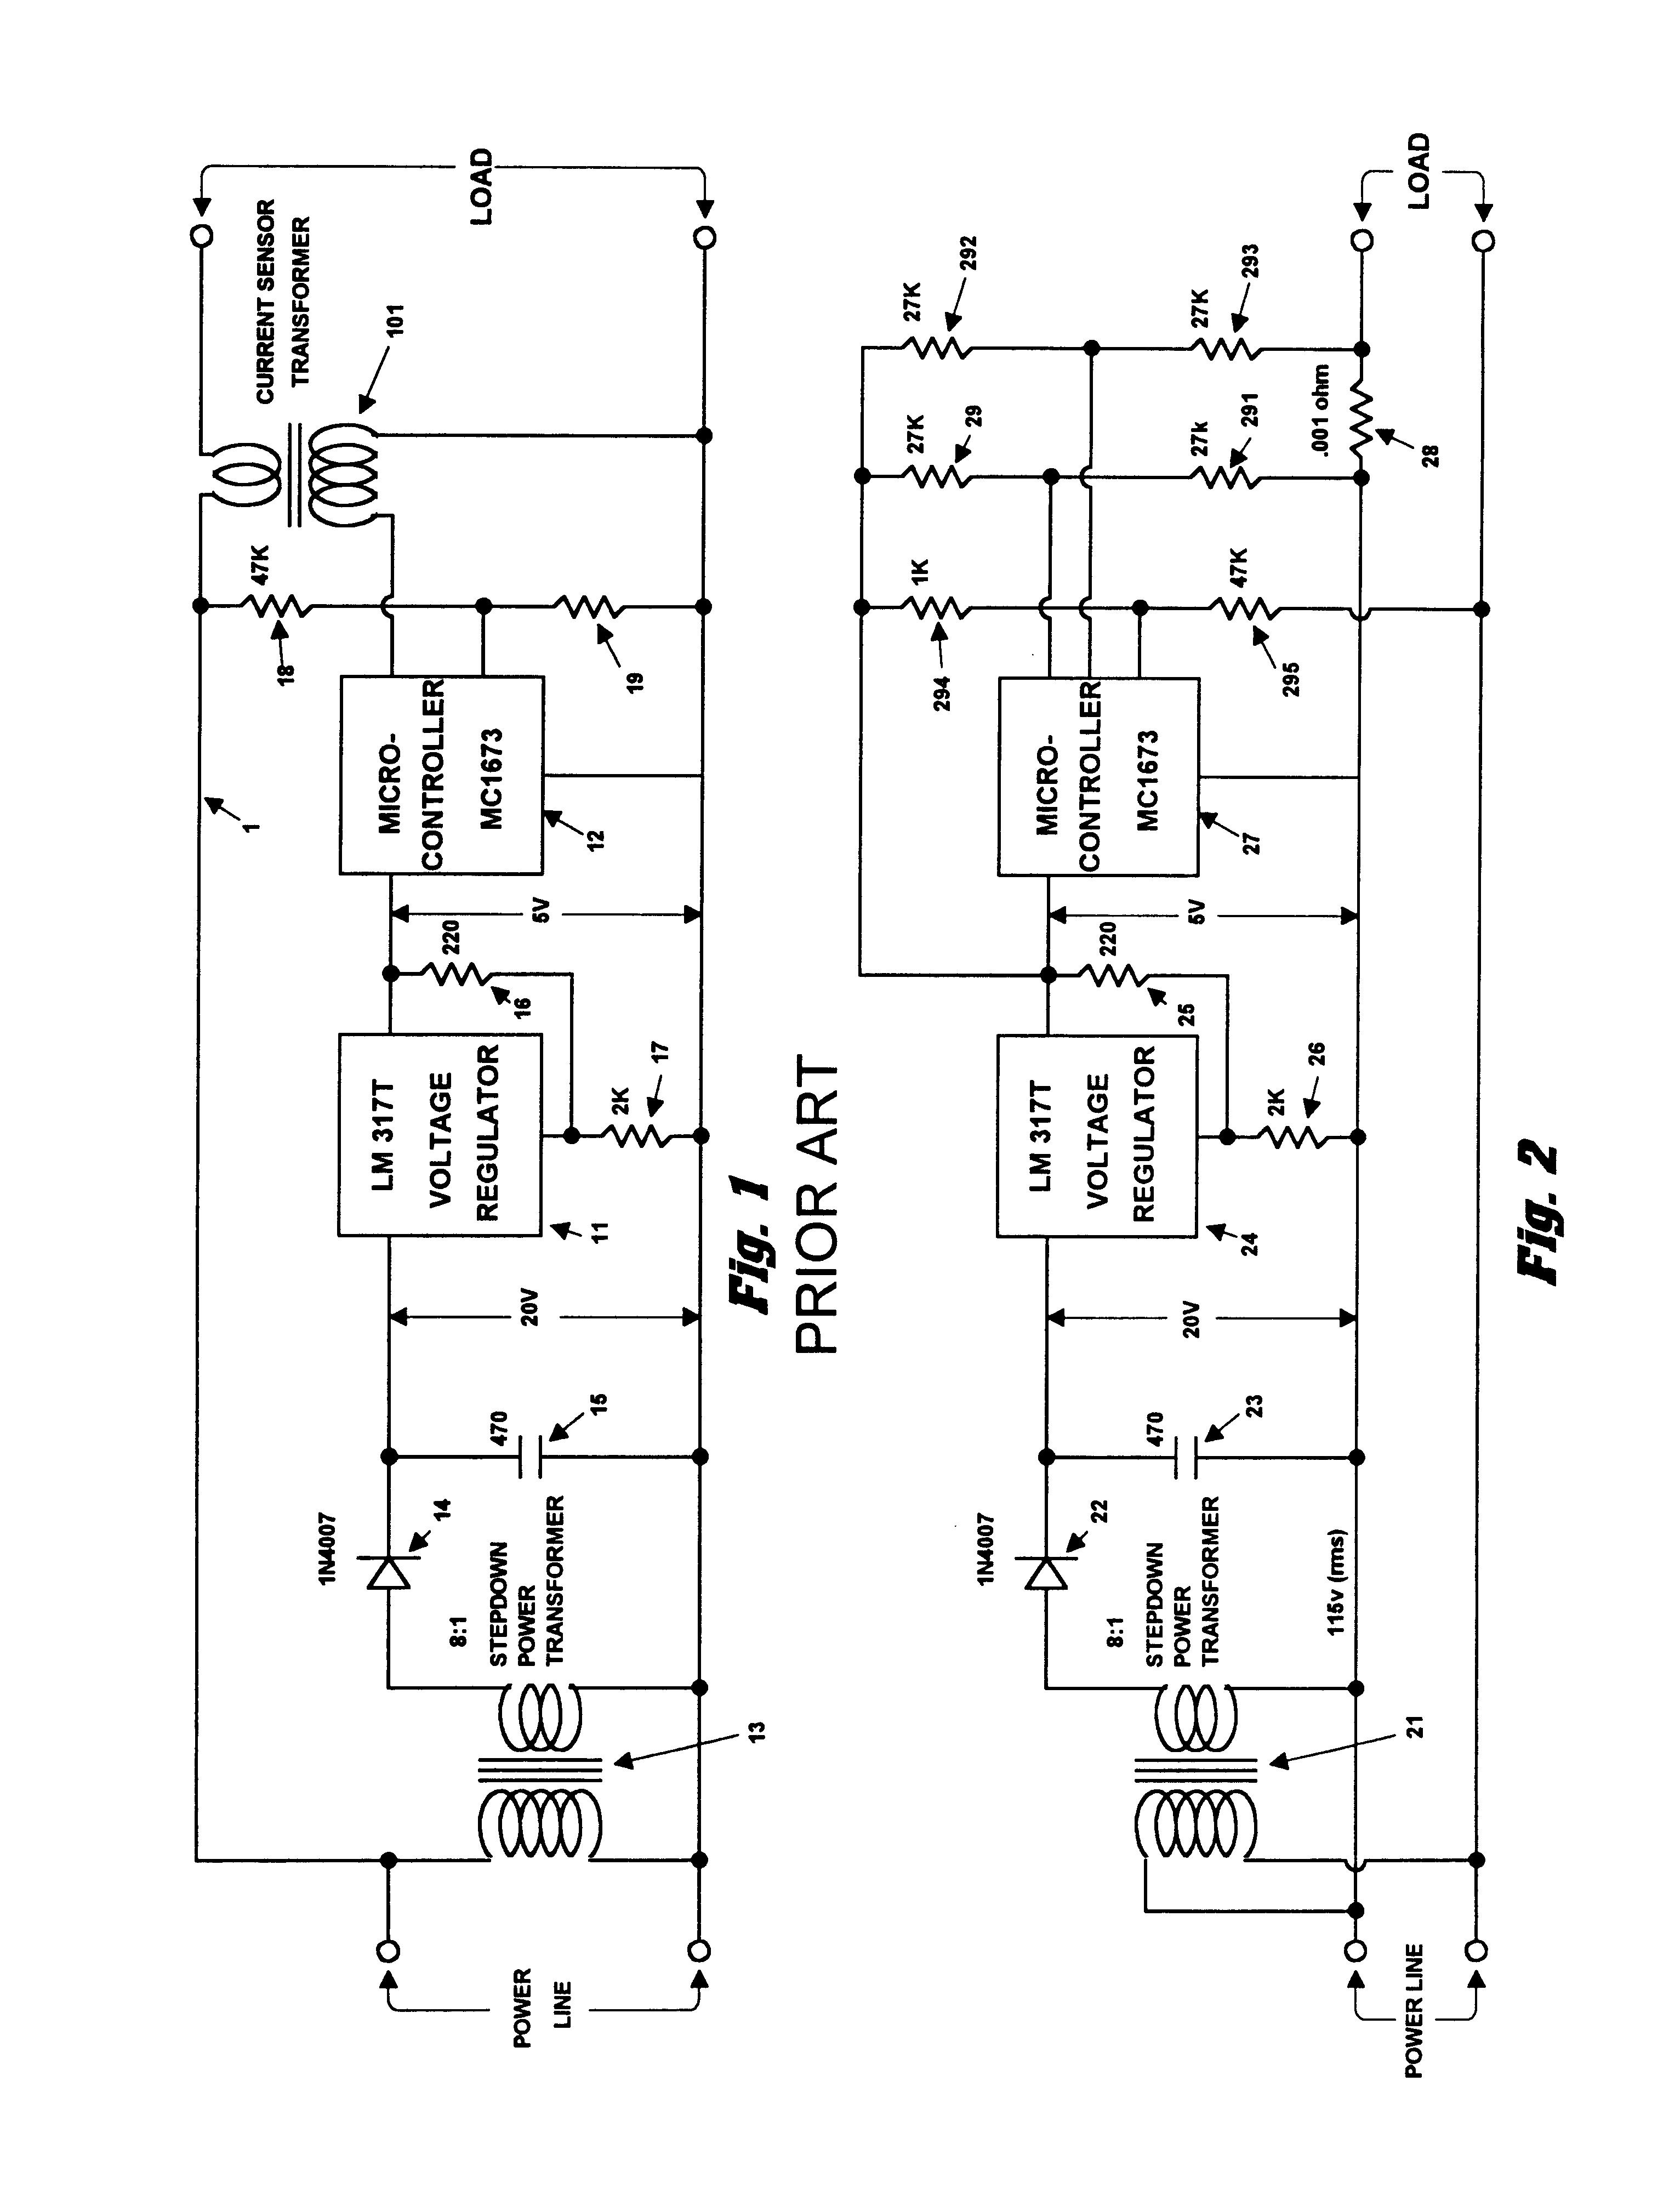 patent us6291985